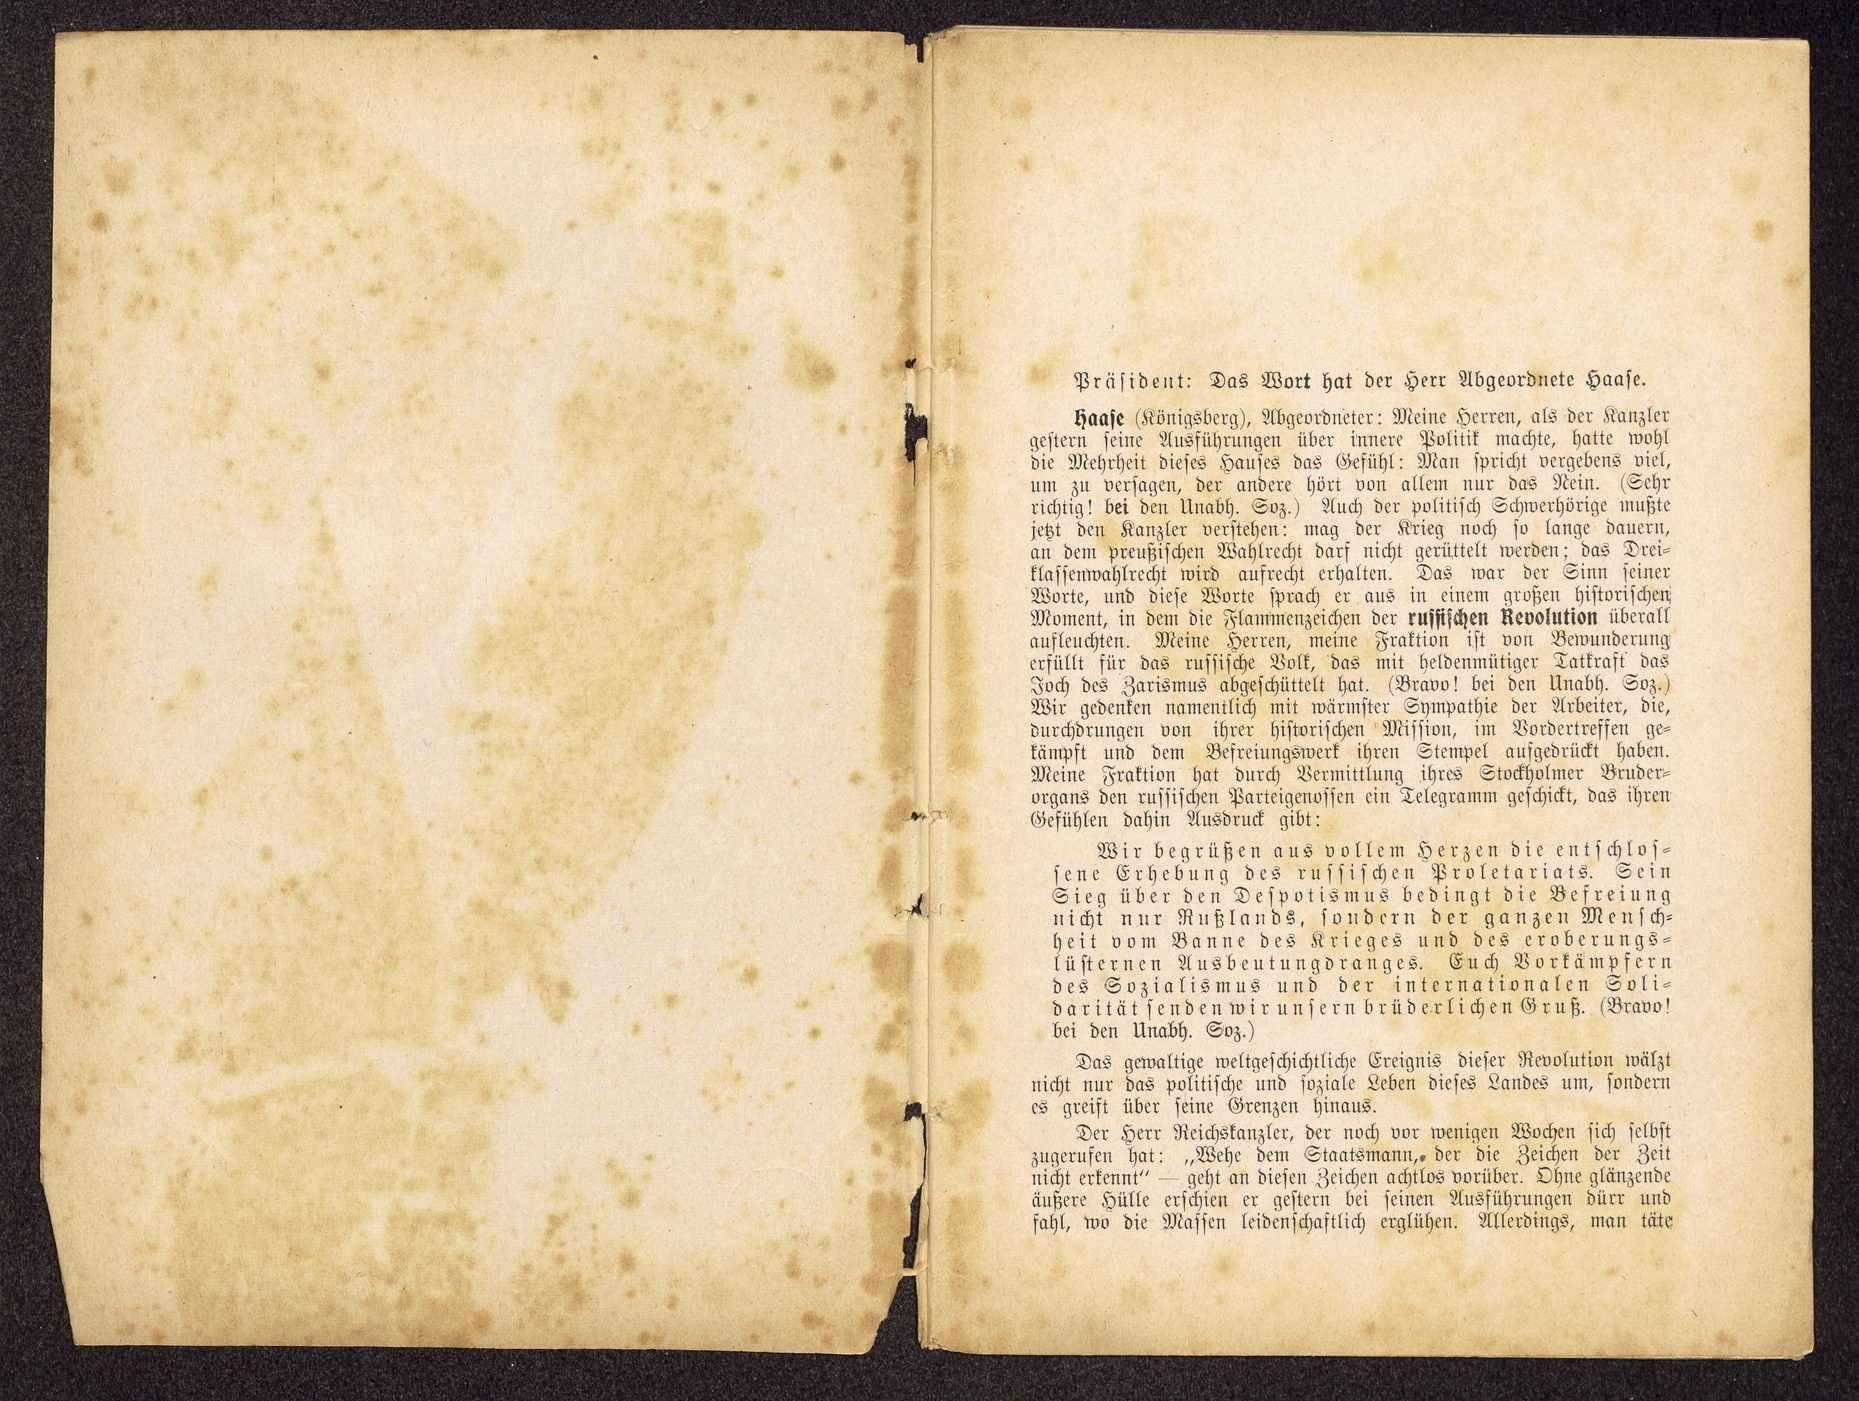 Die Unabhängigen Sozialdemokraten und die innere und äußere Politik im Reichstag. Amtlicher stenographischer Bericht der 96. Sitzung vom 30. März 1917 (Druck: Mönius, Celle), Bild 2